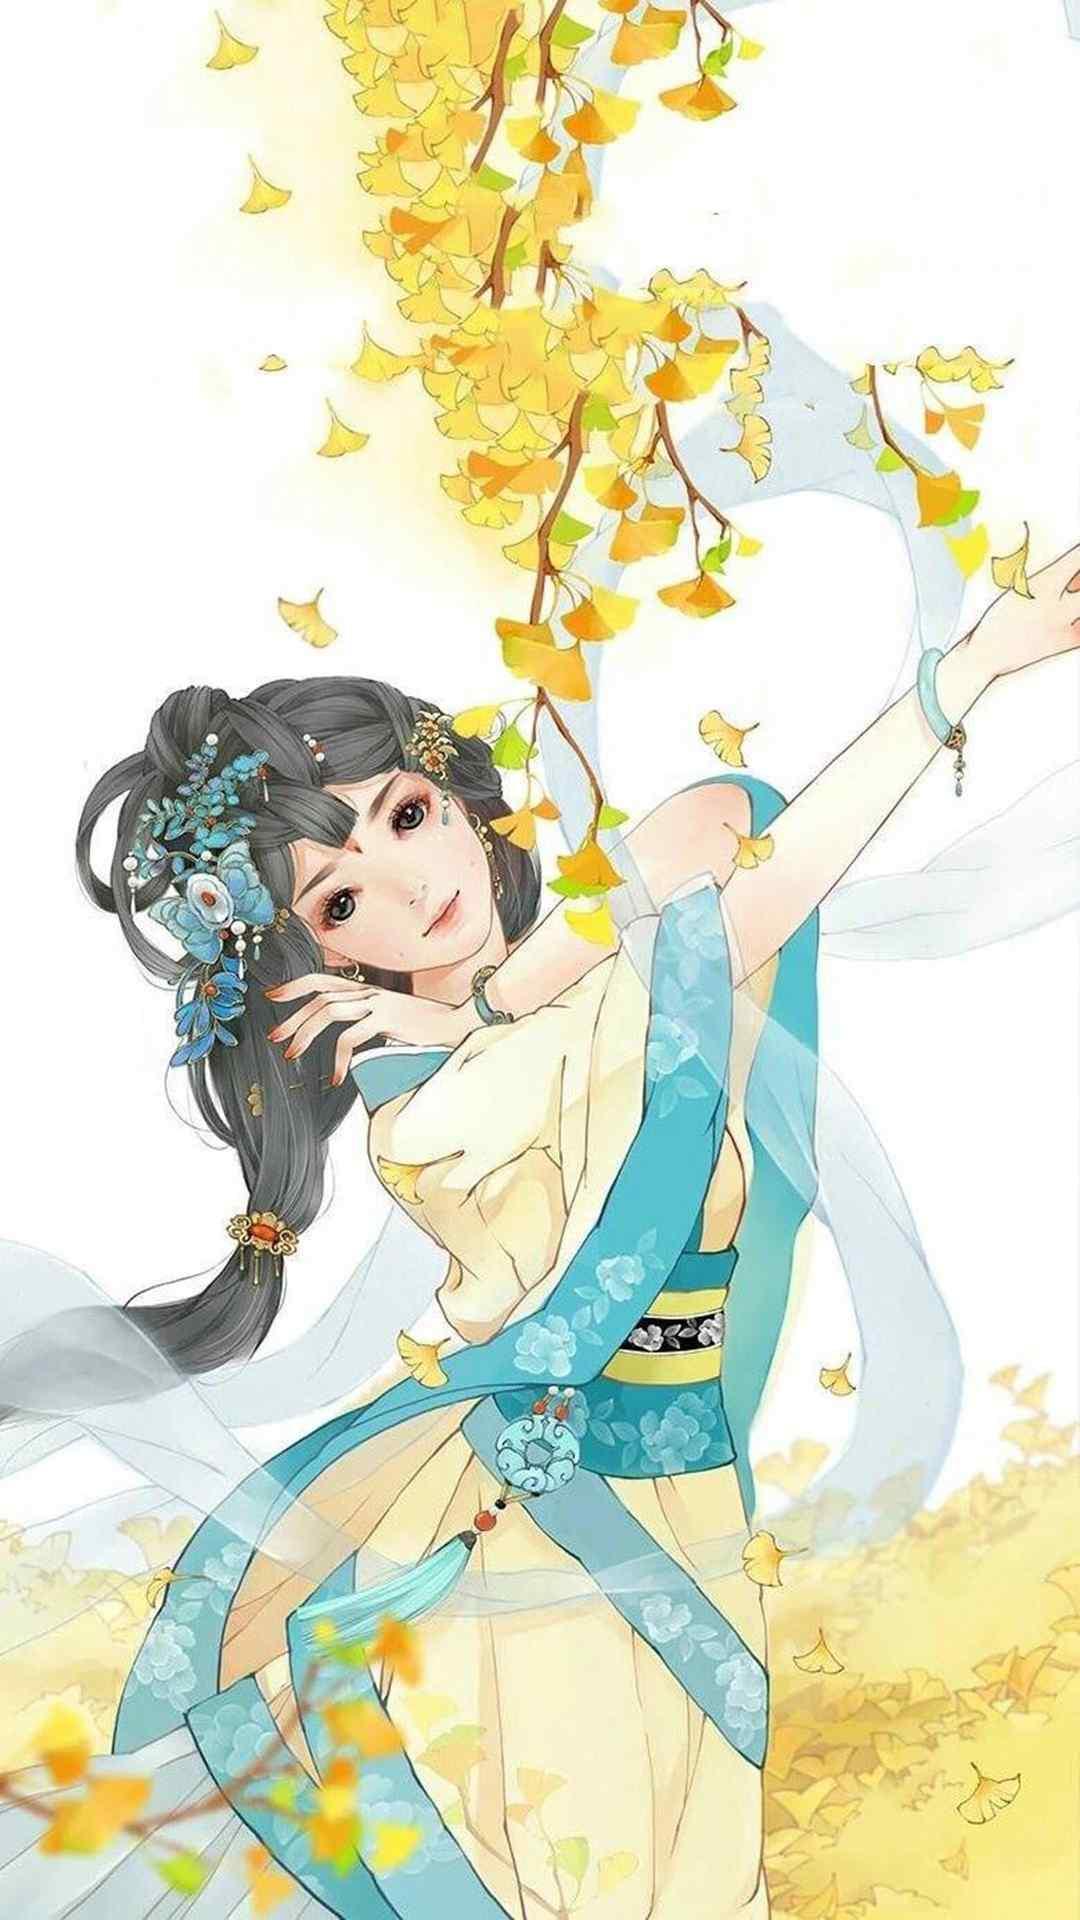 动漫高清壁纸唯美中国风手绘壁纸动漫美女壁纸古风壁纸